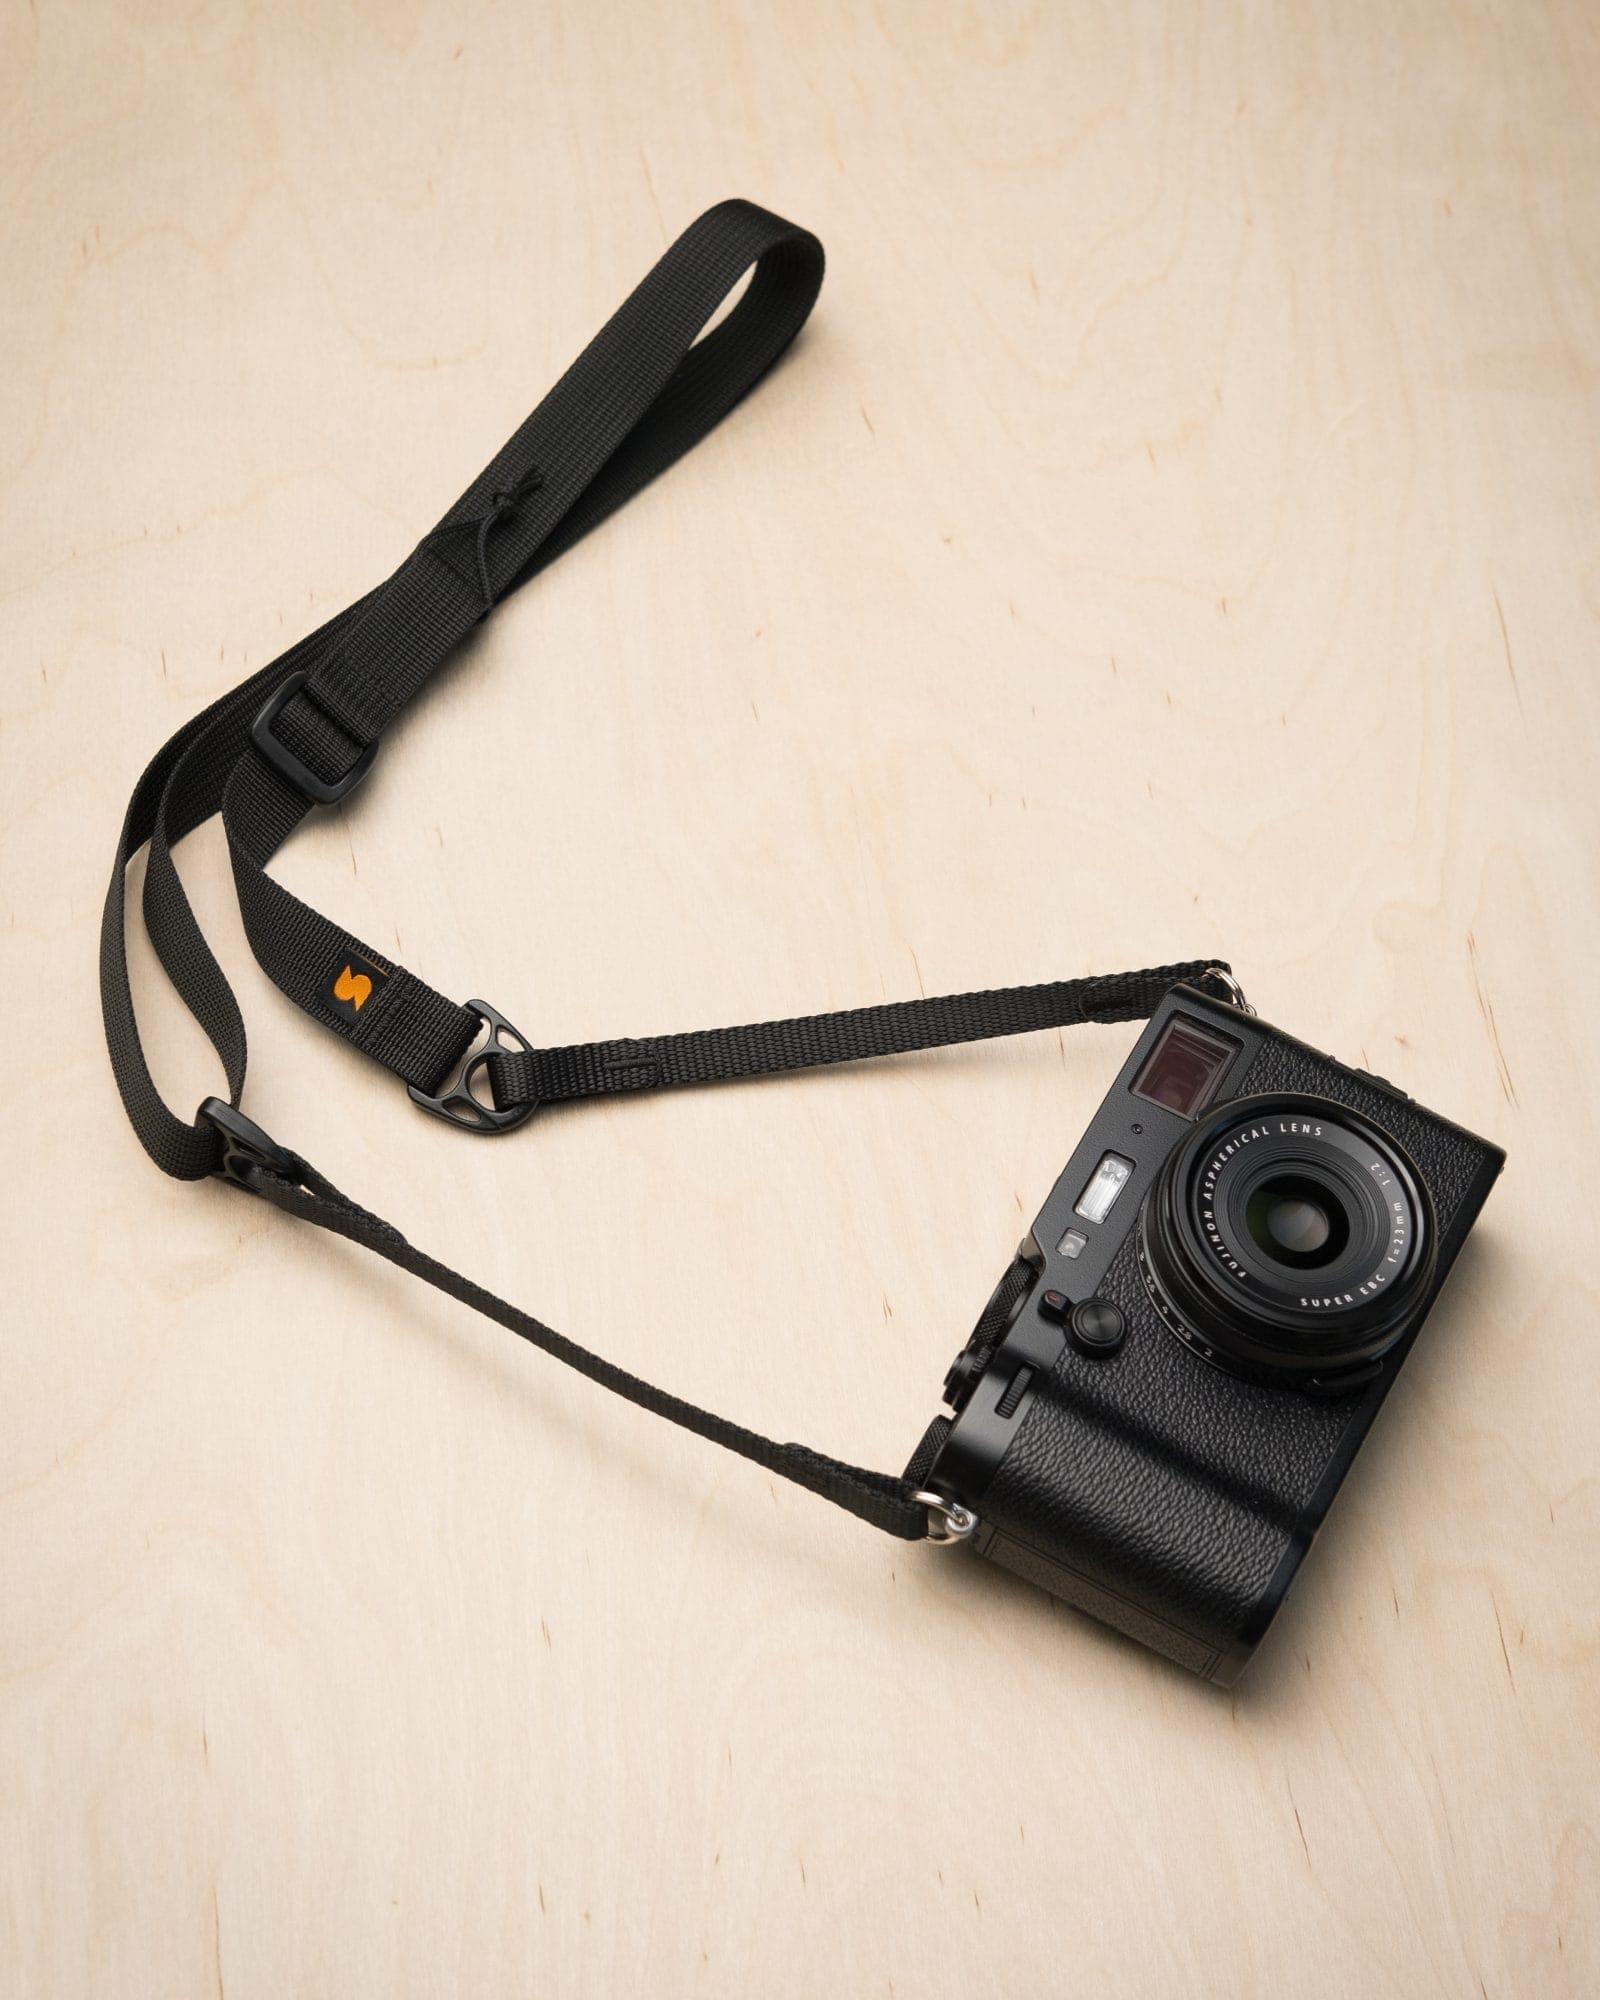 Simplr F1ultralight Camera Strap on Fuji X100